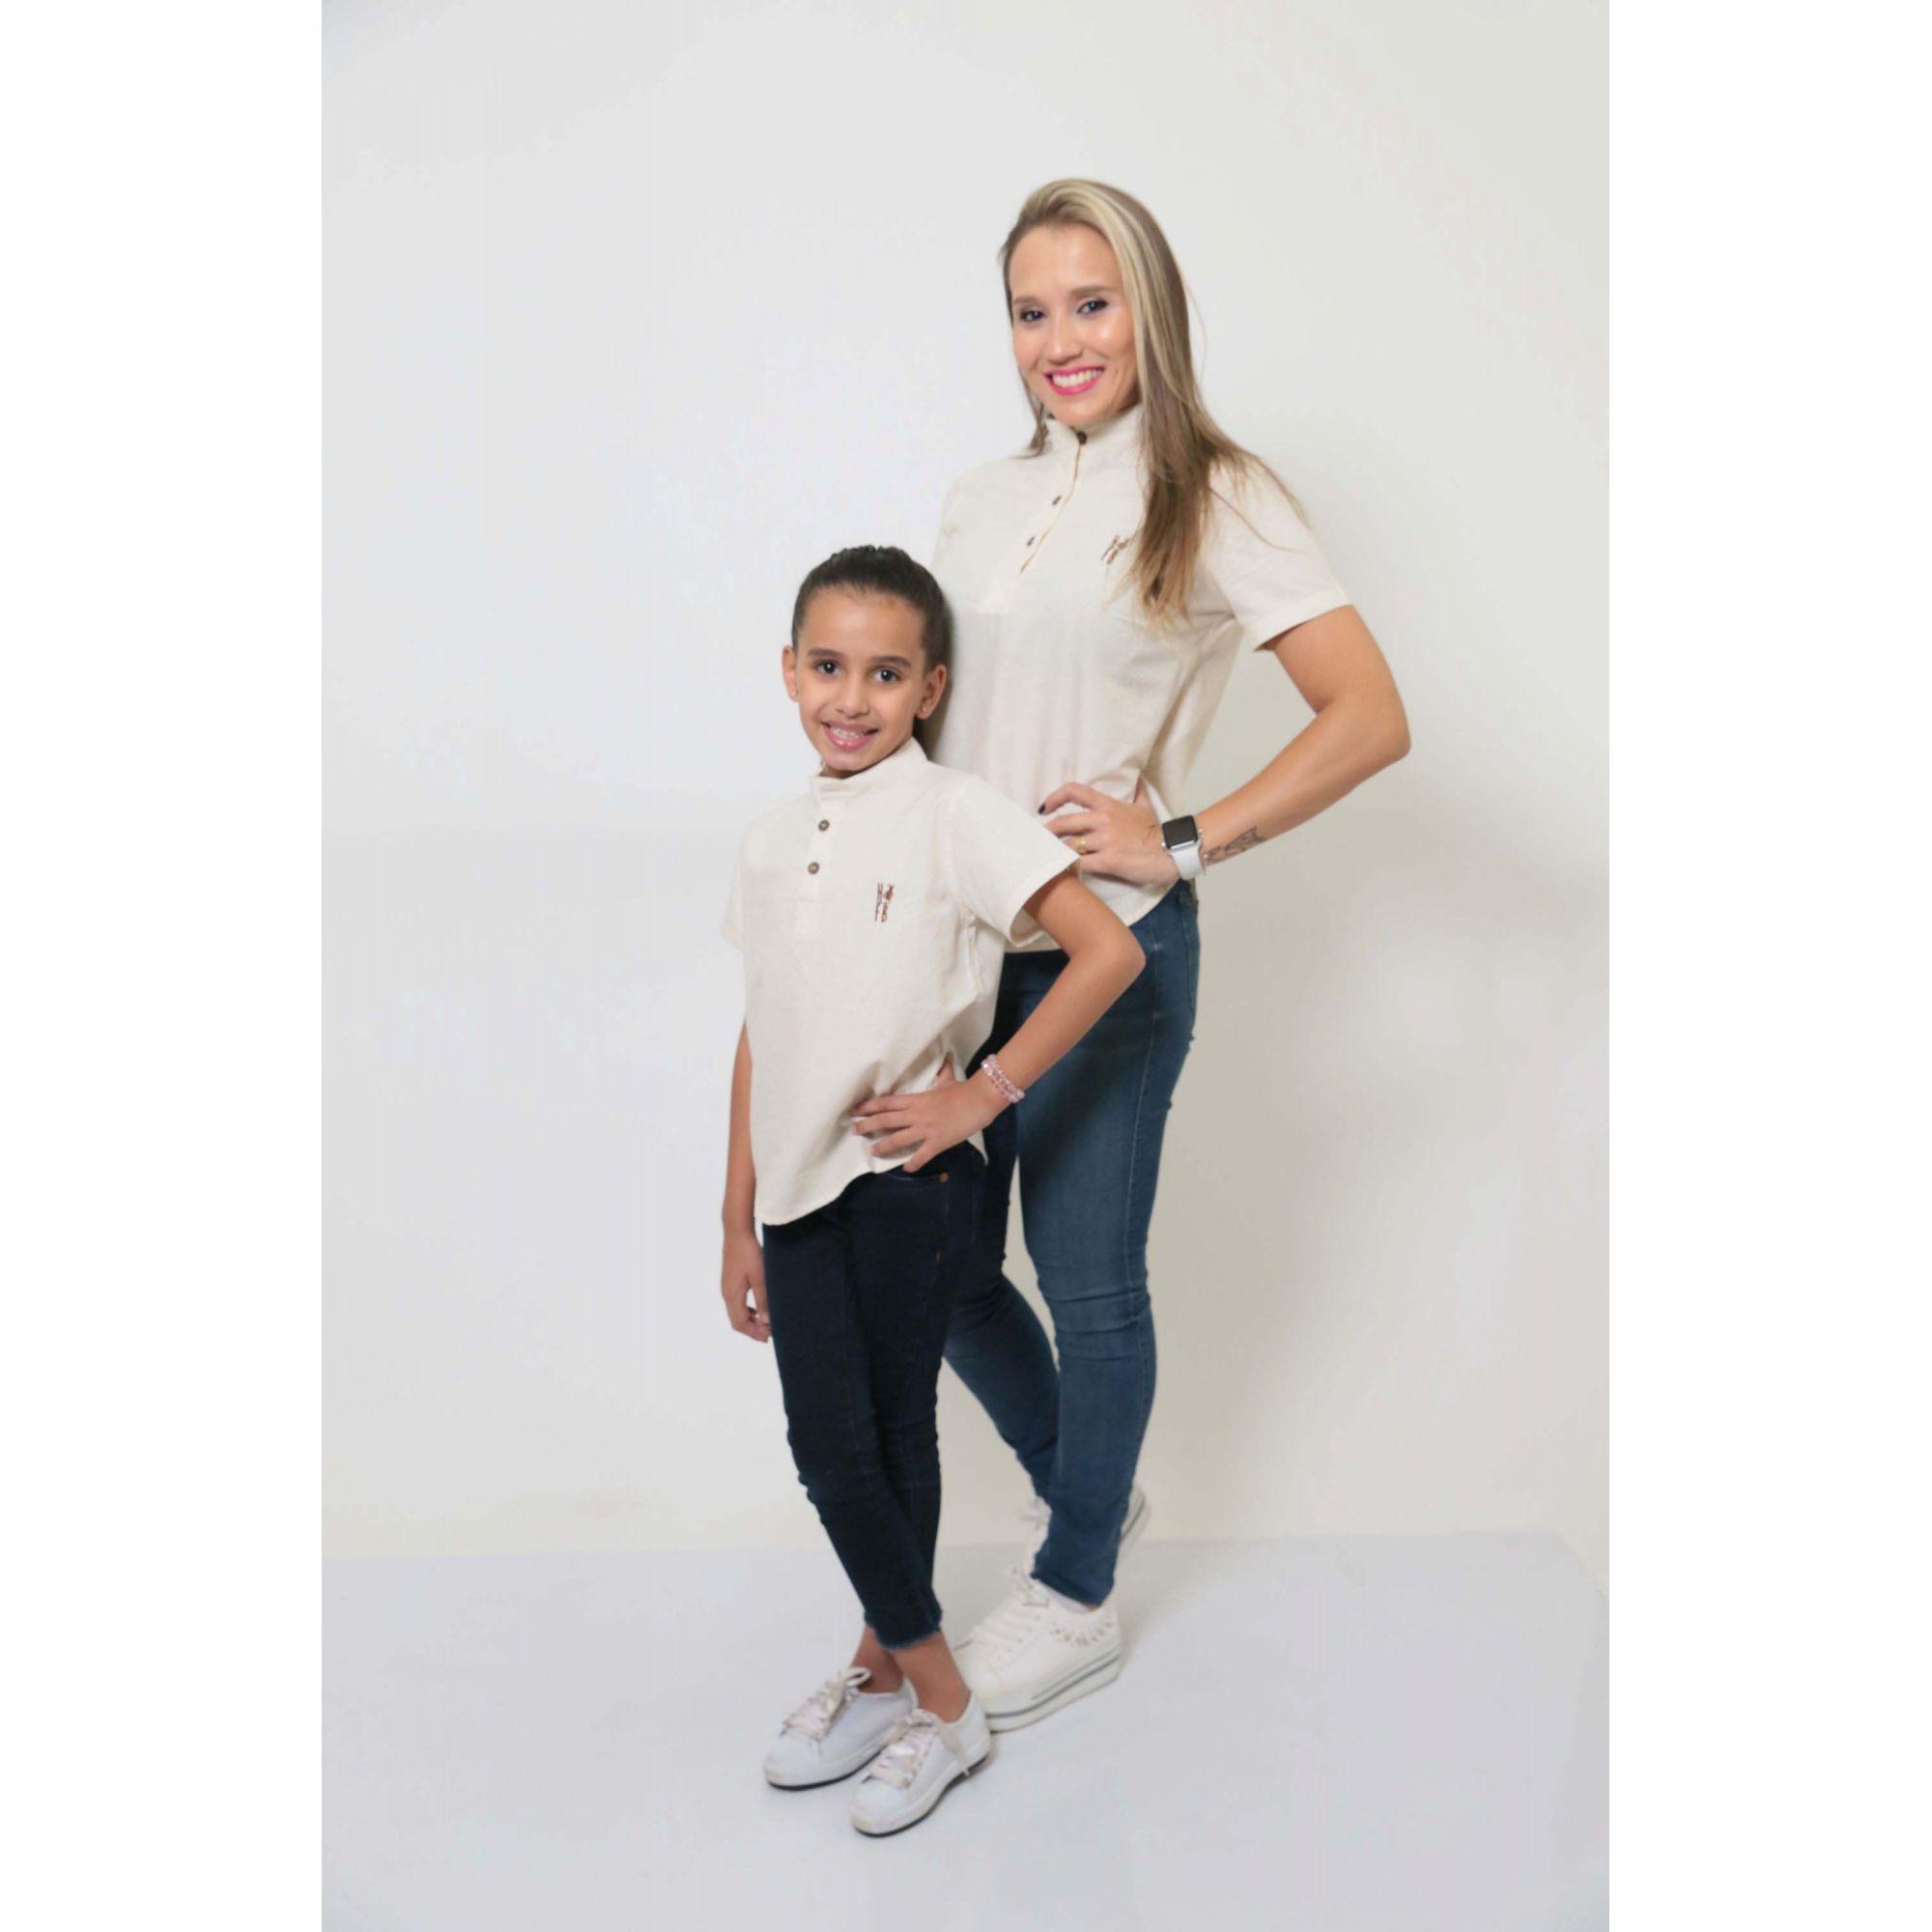 MÃE E FILHA > Kit 02 Camisas Bata - Adulto e Infantil Gola Padre [Coleção Tal Mãe Tal Filha]  - Heitor Fashion Brazil